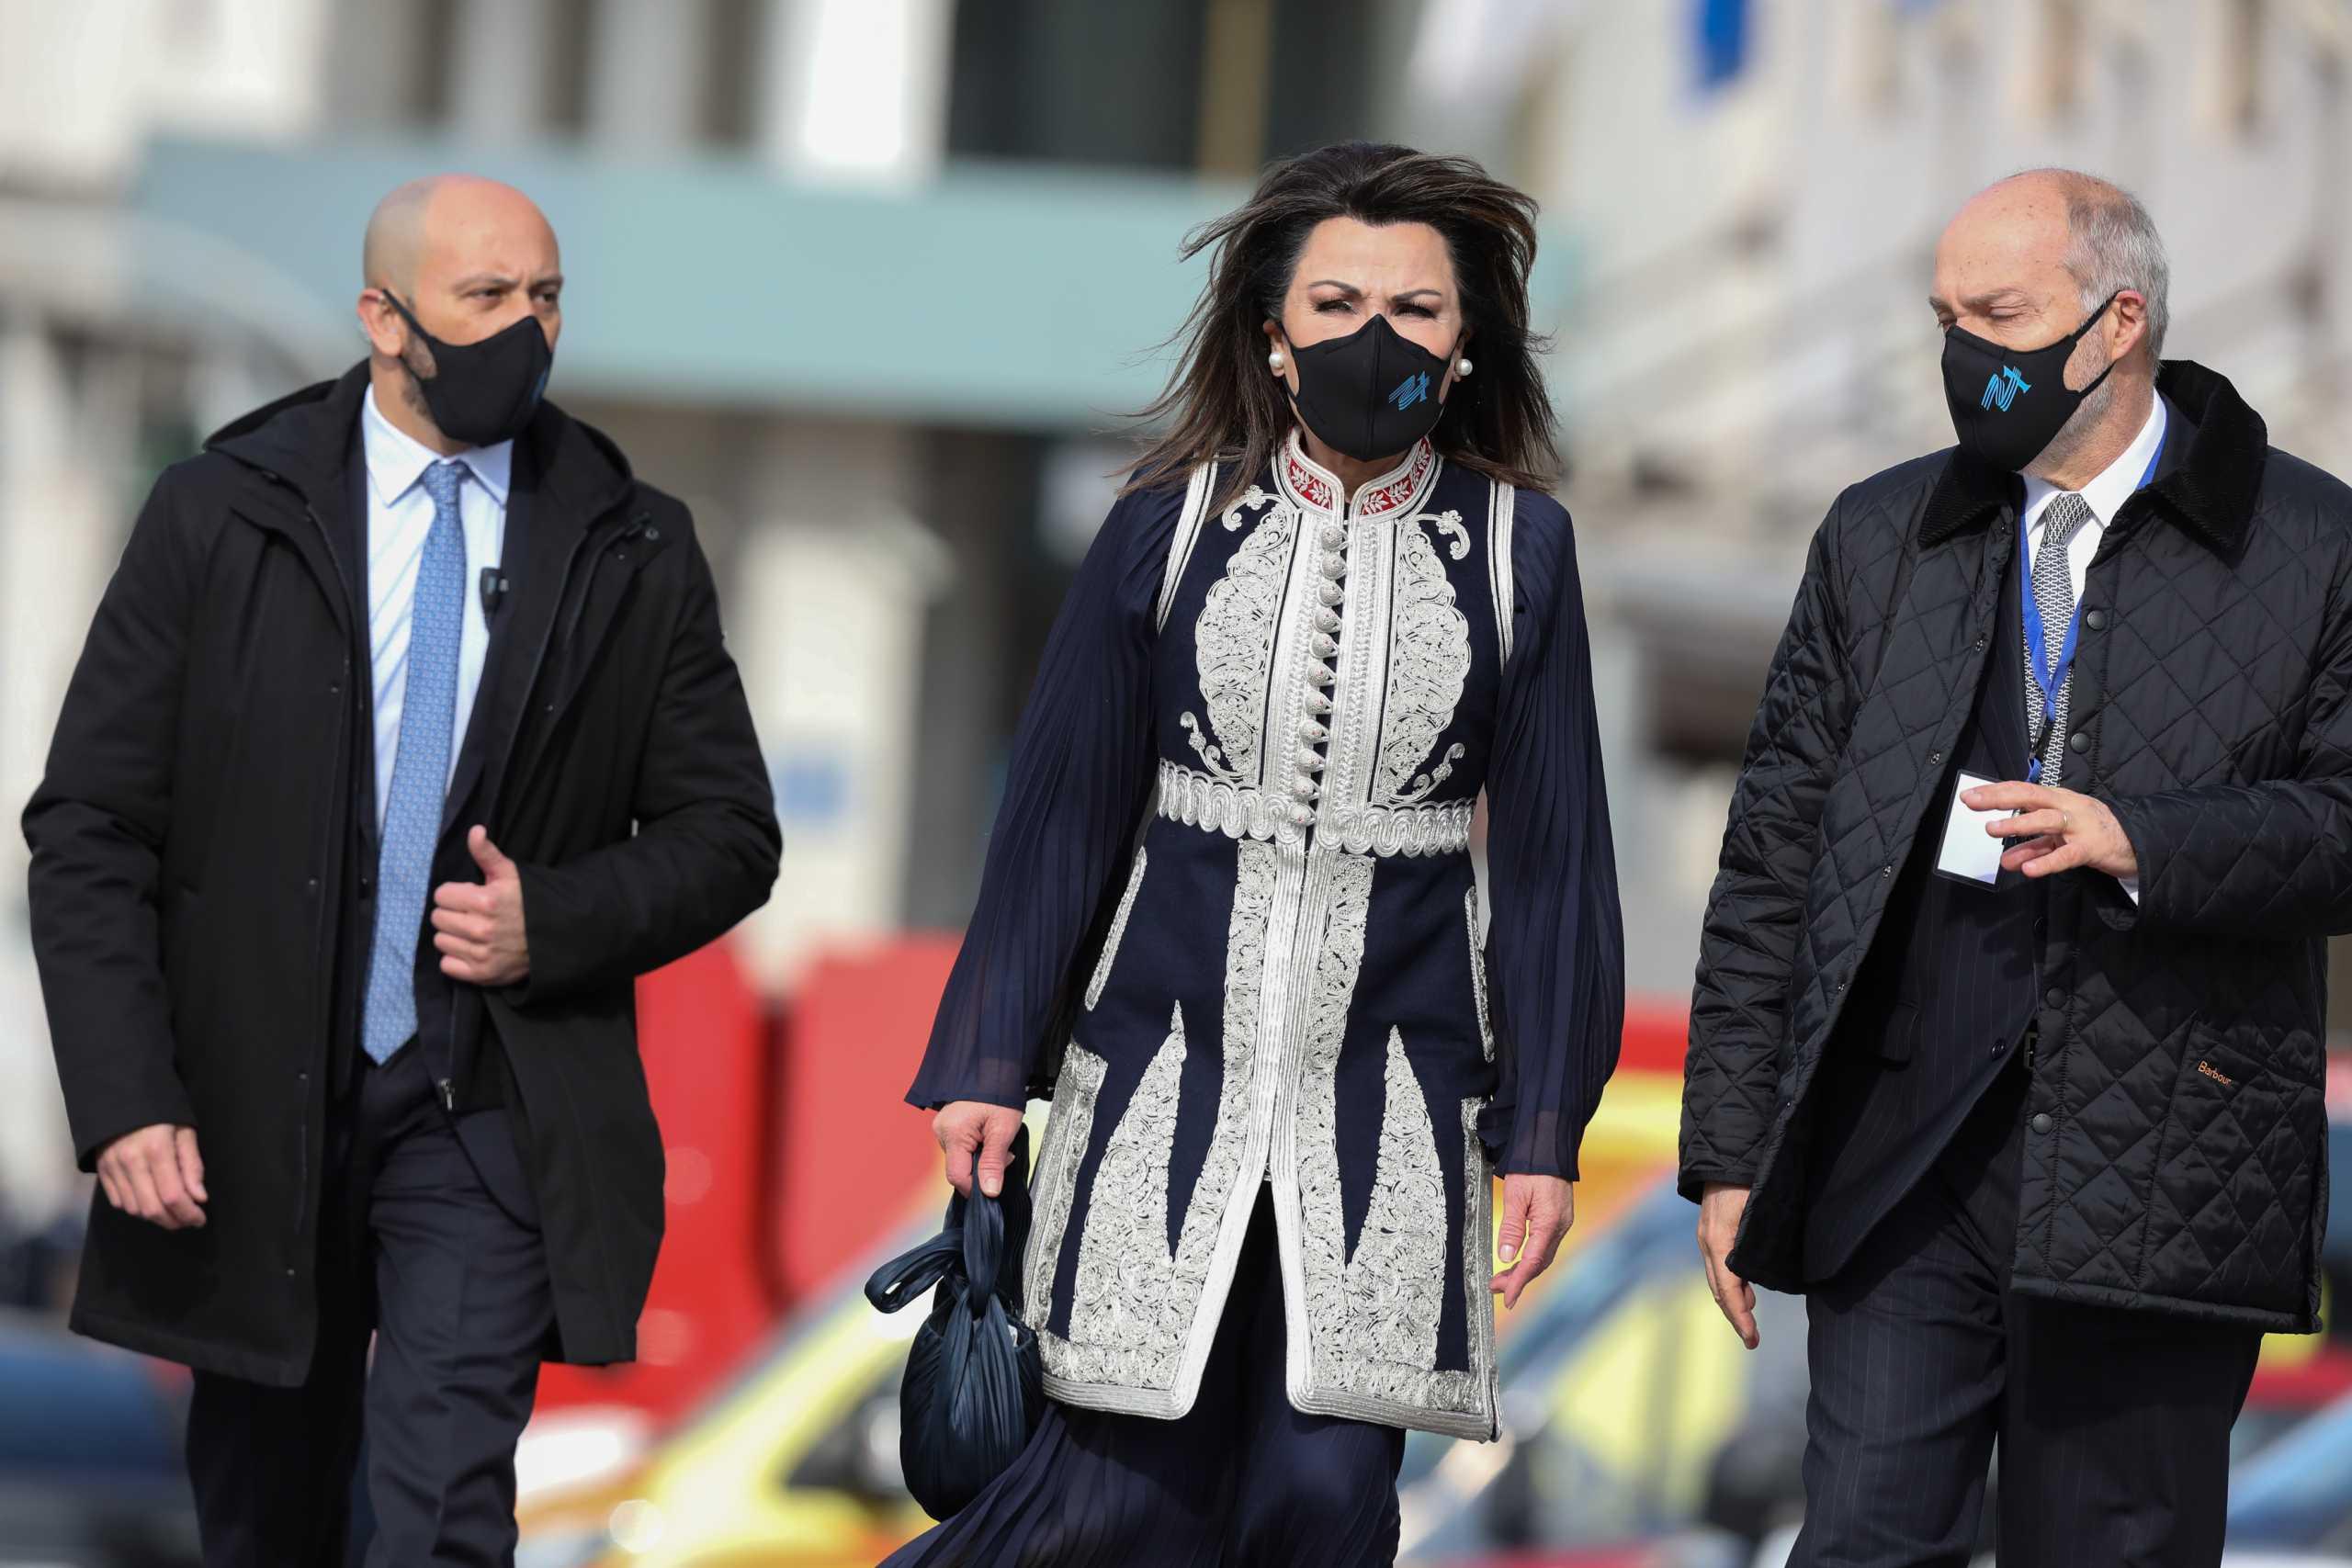 Γιάννα Αγγελοπούλου: Ο Νίκος Αλιάγας αποκάλυψε τον άνθρωπο πίσω από τον ντουλαμά που φόρεσε